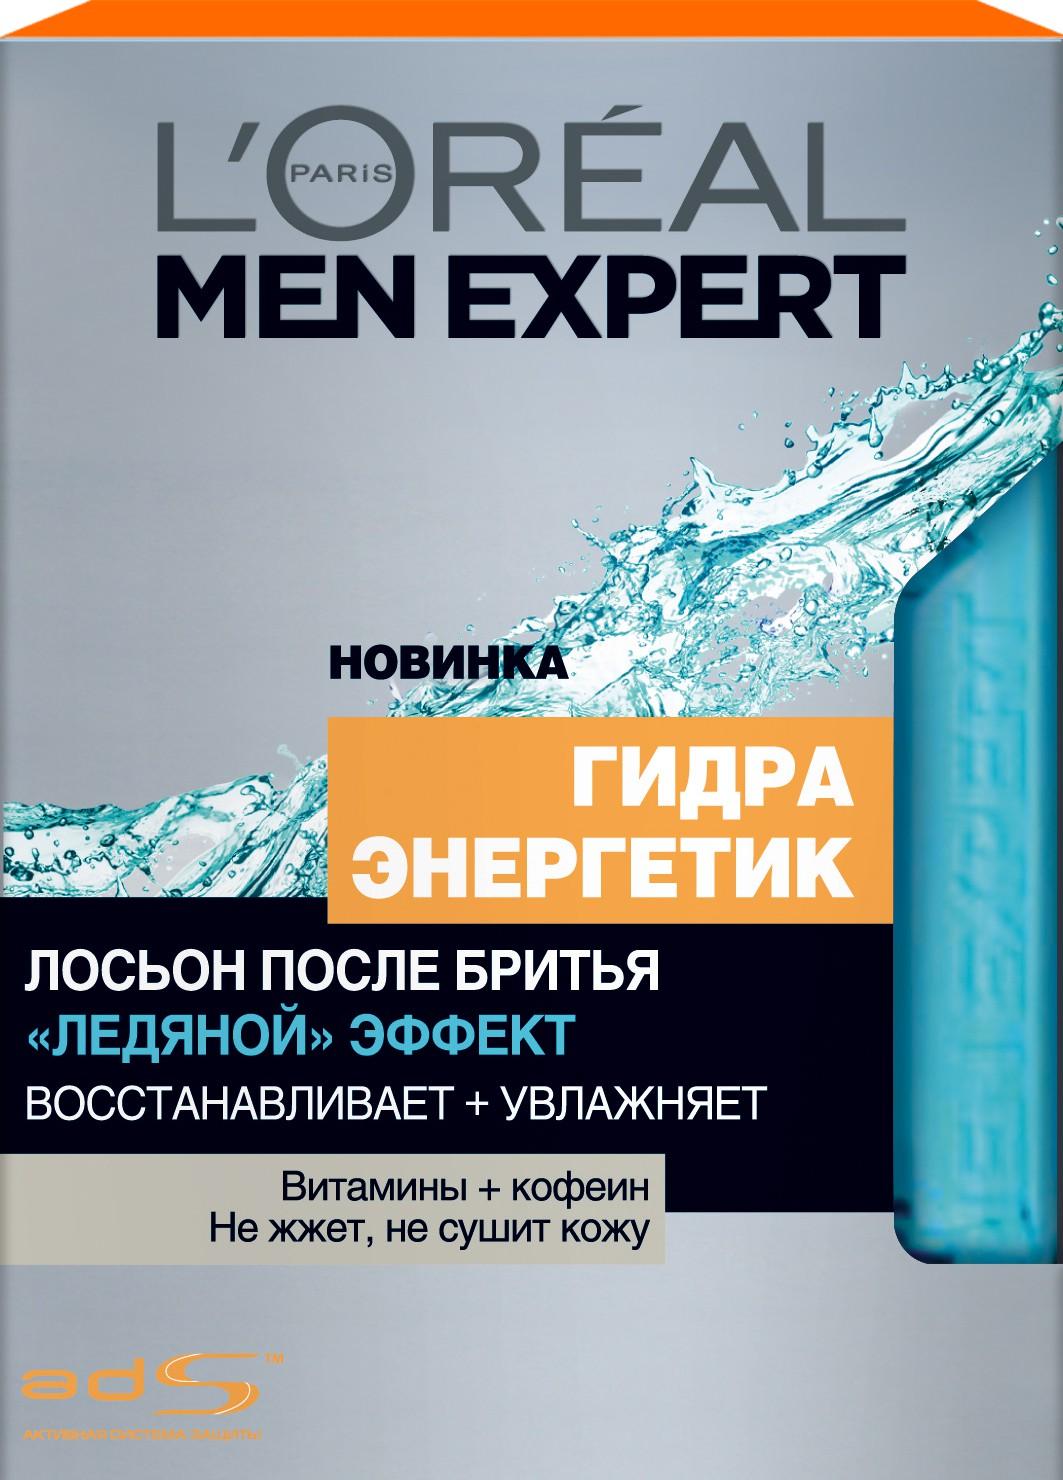 LOreal Paris Men Expert Лосьон после бритья Гидра Энергетик, Ледяной эффект, увлажняющий, восстанавливающий, 100 мл1301210Cредство после бритья нового поколения от MEN EXPERT!Морозная мята, терпкие нотки бергамота - «Ледяной» эффект от MEN EXPERT - это освежающий лосьон после бритья, обогащенный витаминами и кофеином.